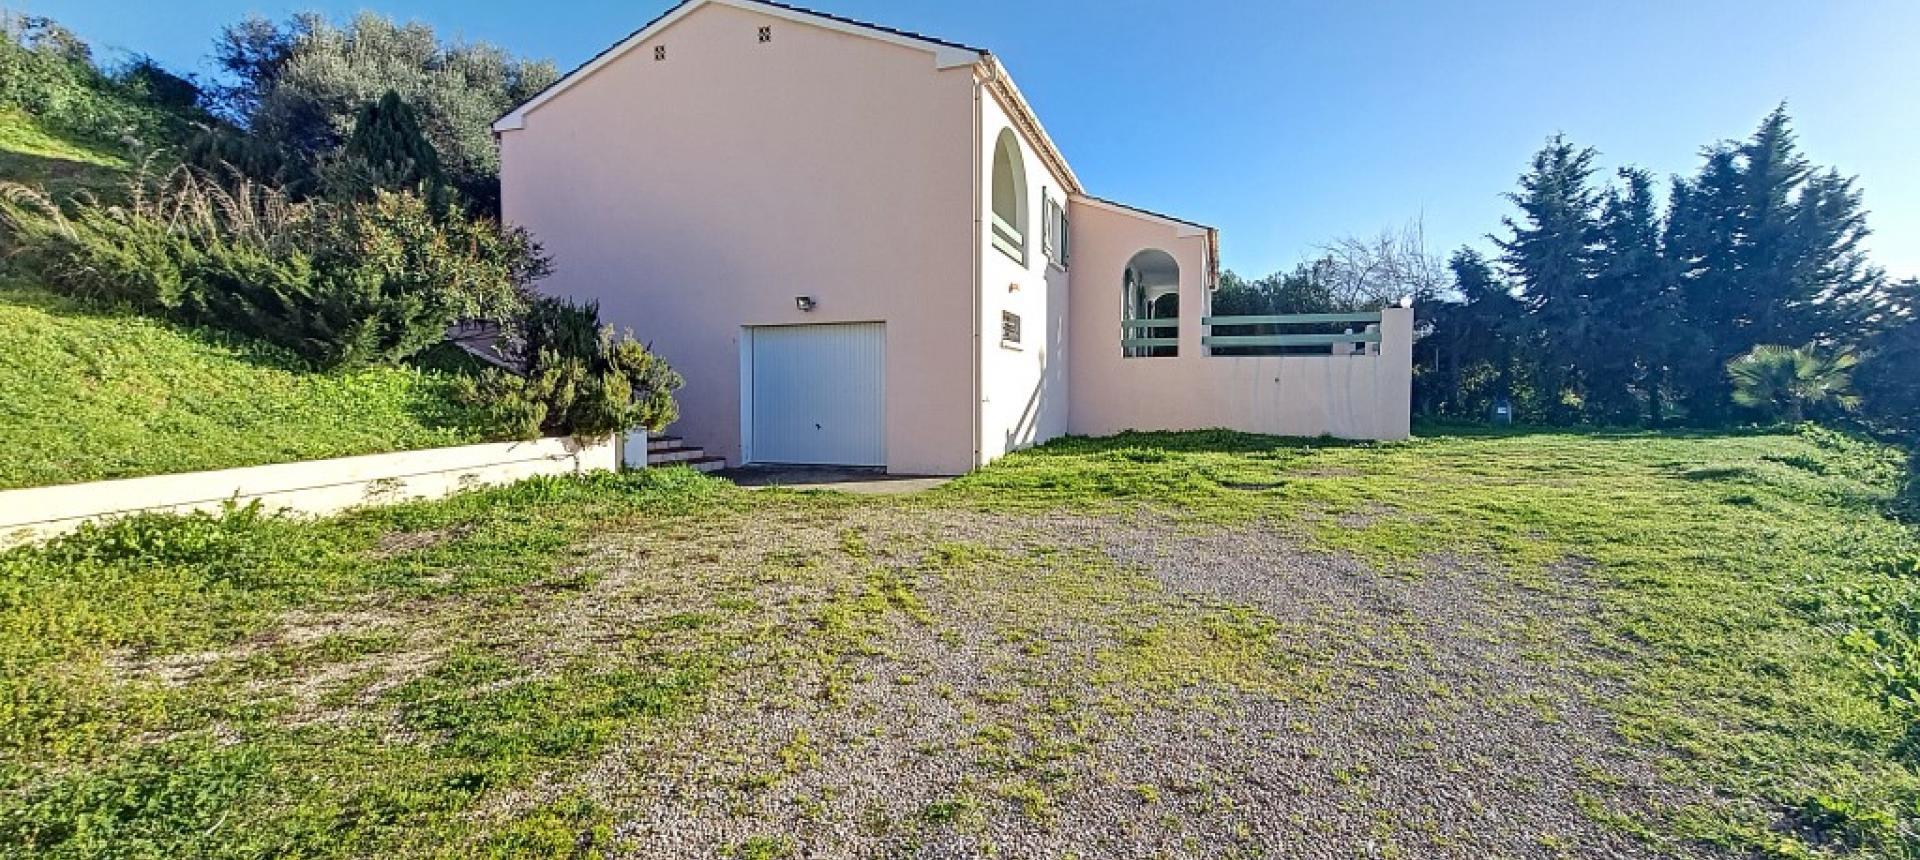 Villa F4 à louer avec jardin et terrasse à Bastelicaccia jardin